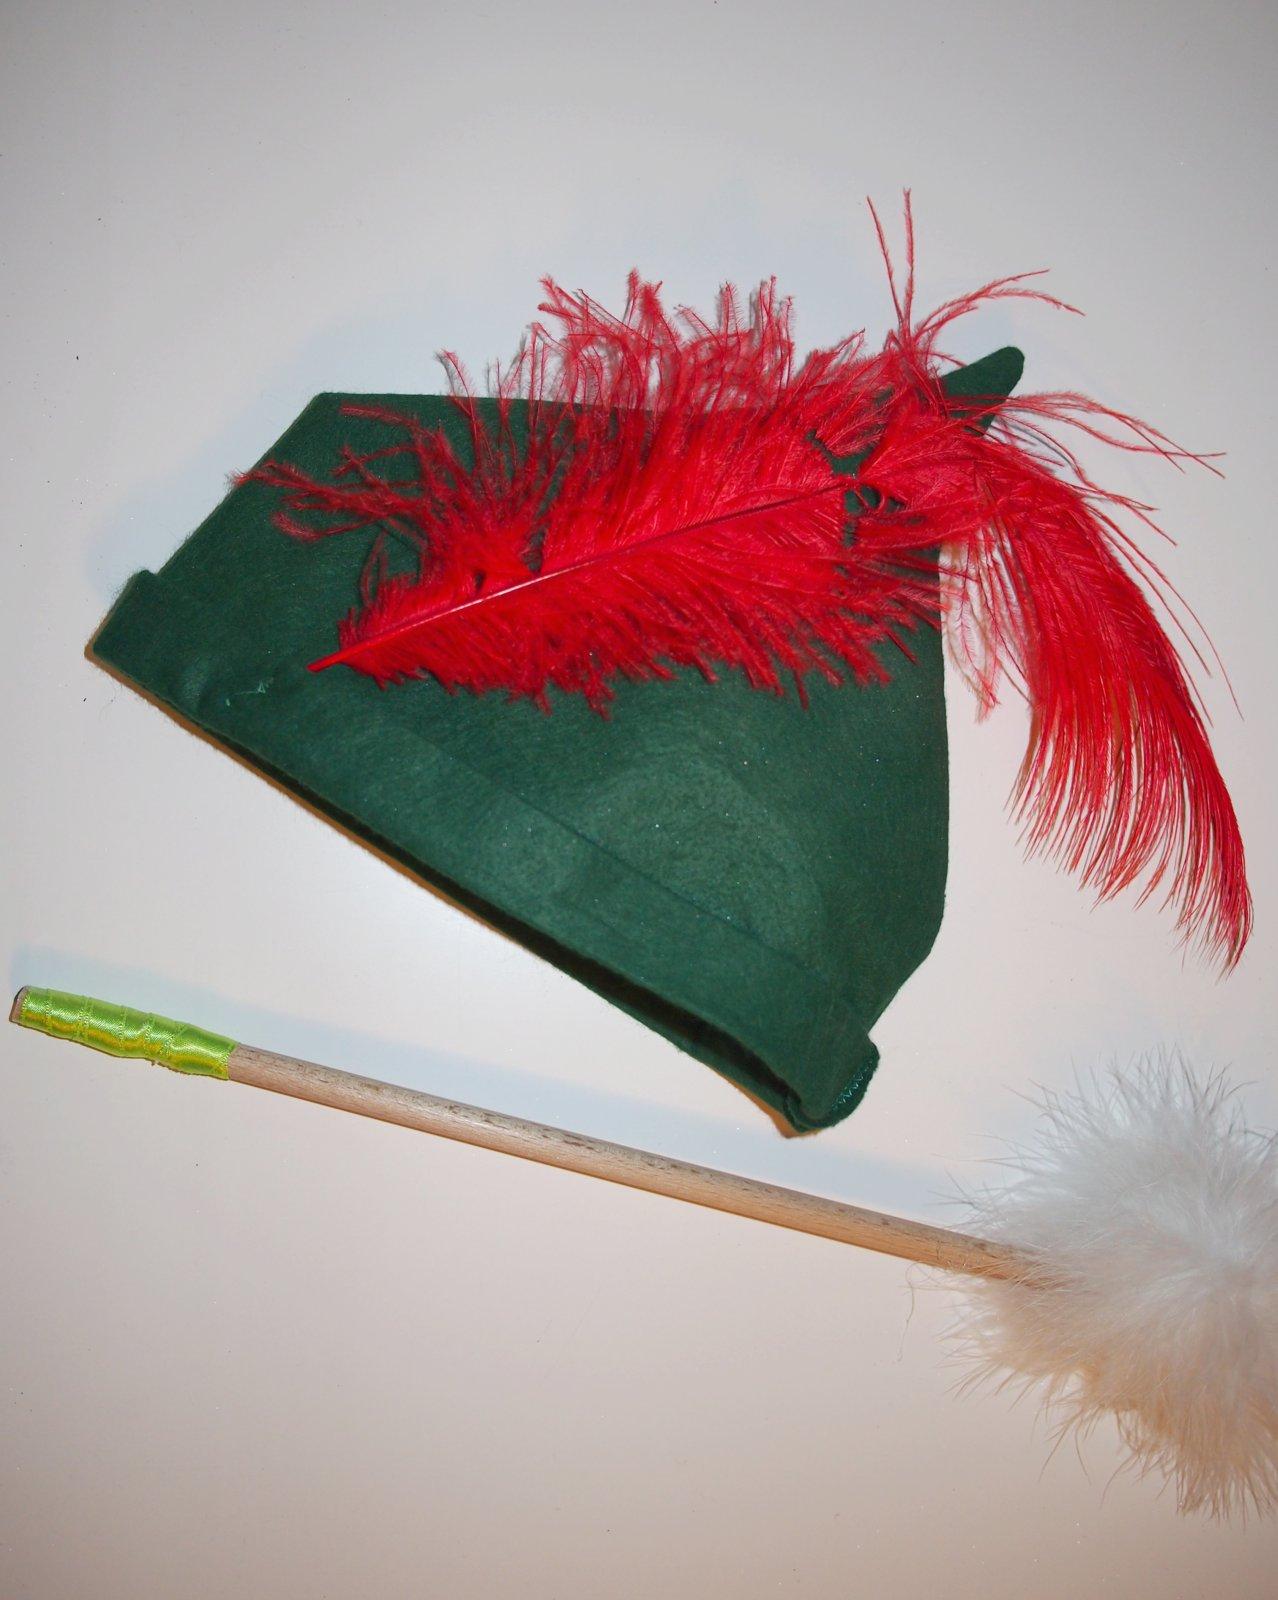 Der falsche Hut - Oder Tinkerbell mit einer Prise Peter Pan ...